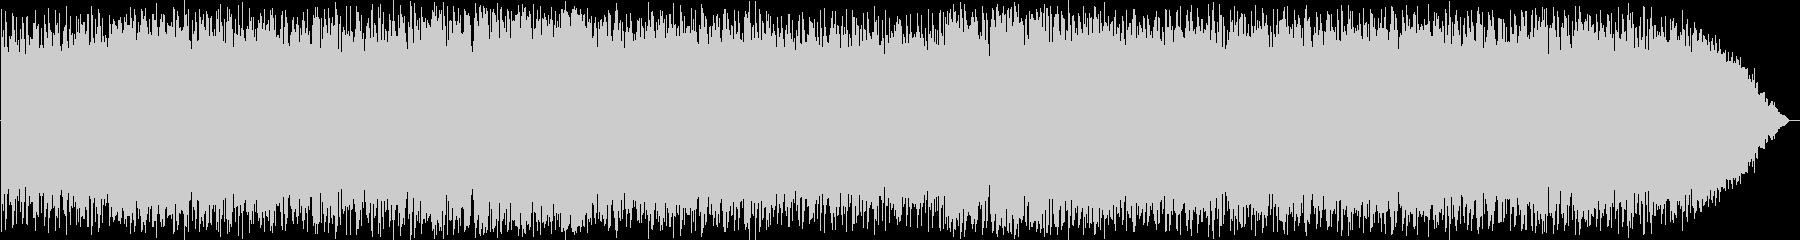 力強いケーナのニューエイジ音楽の未再生の波形